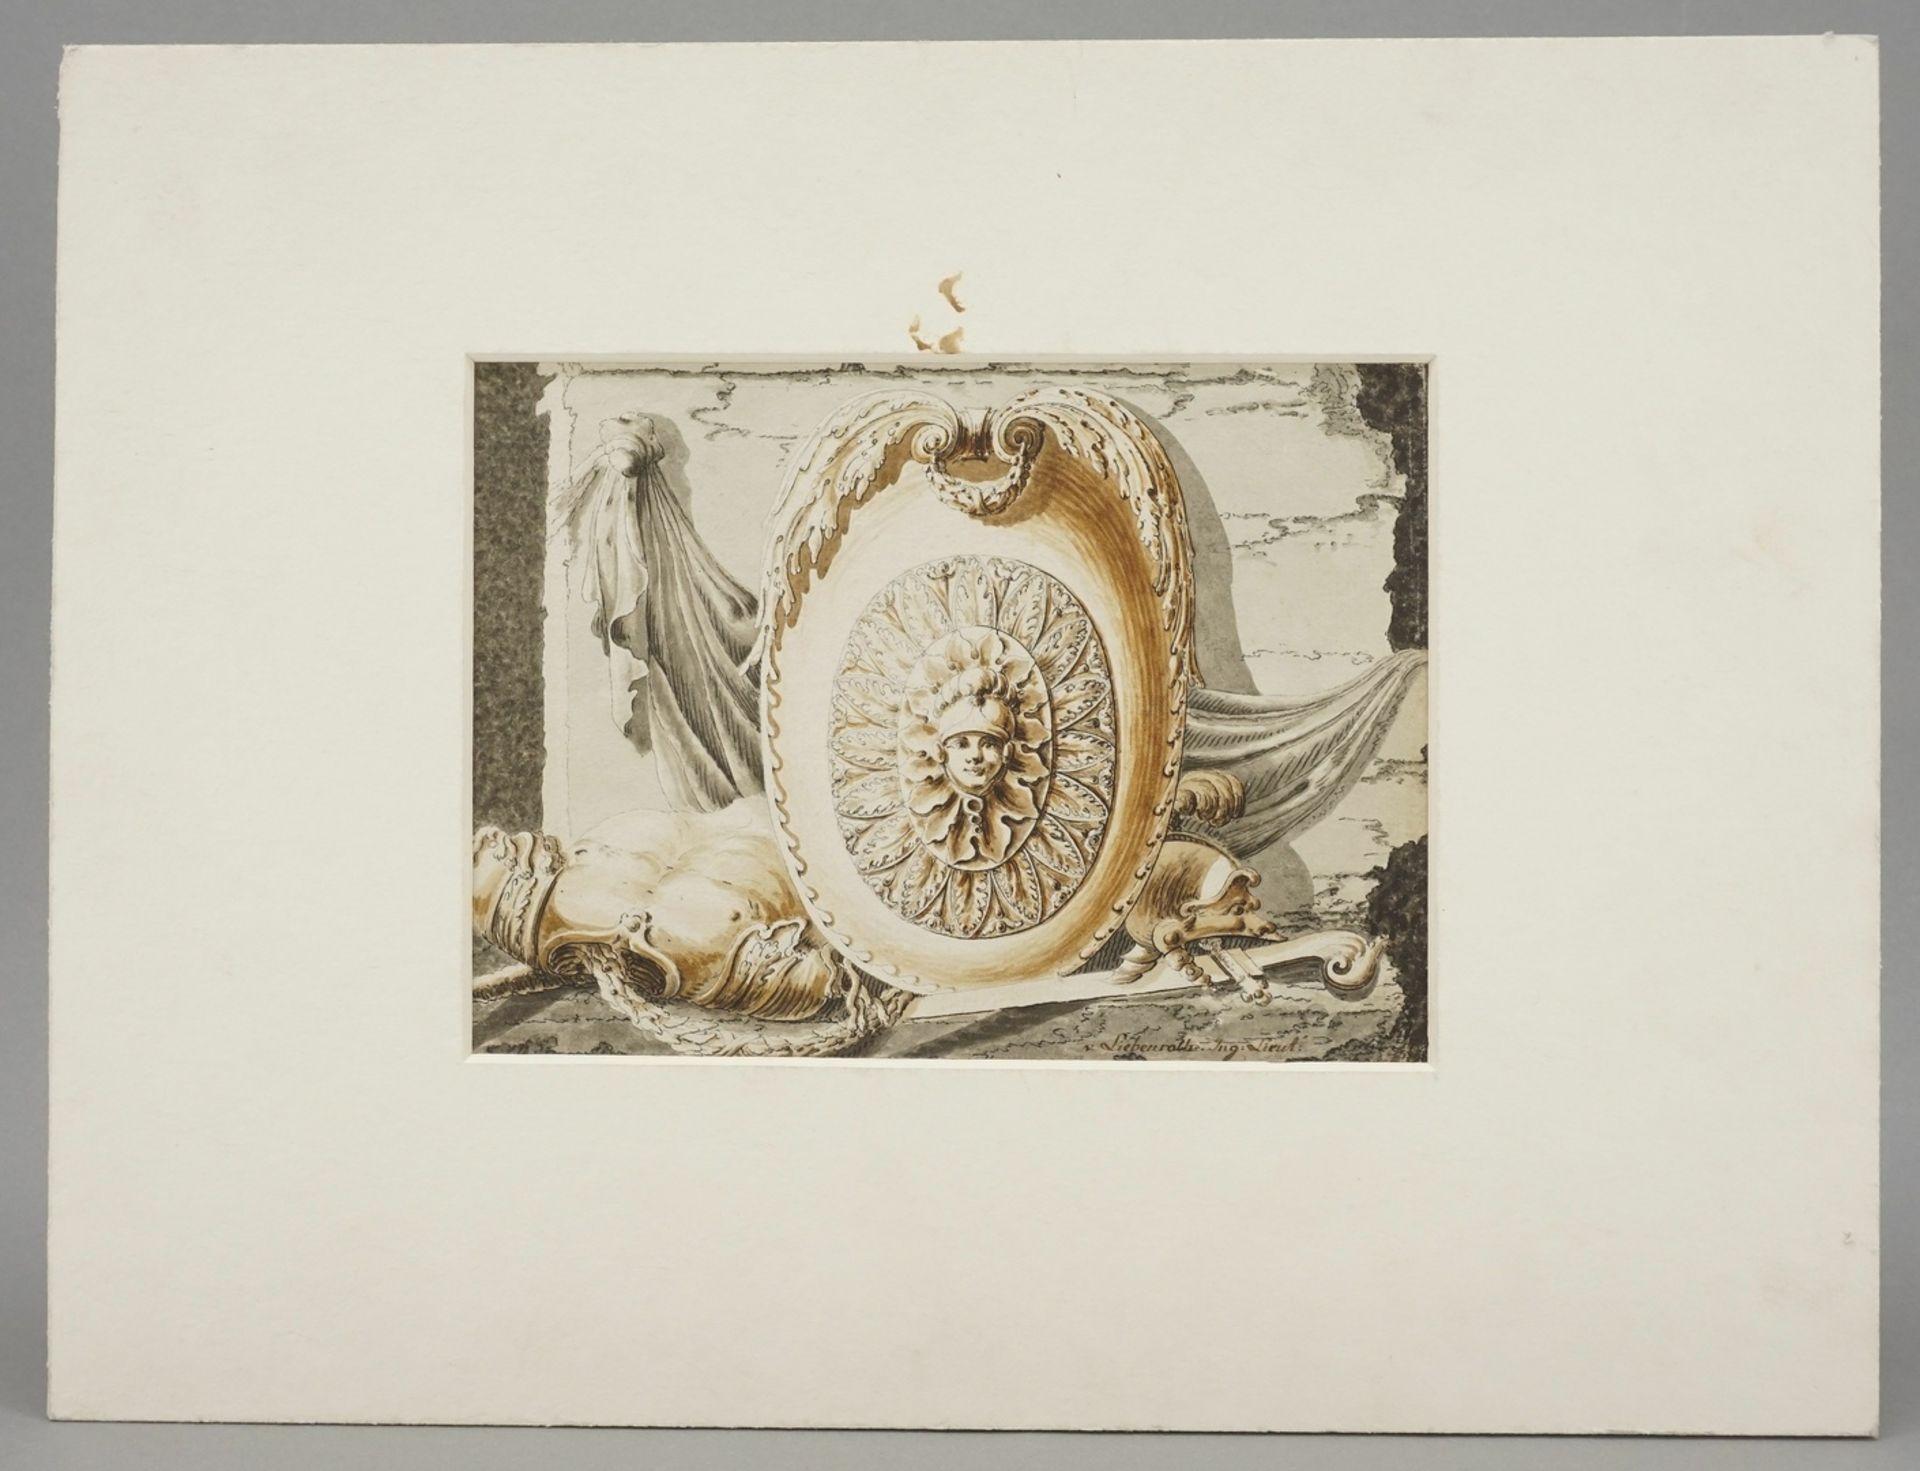 Gabriel von Liebenroth, Ehrenblatt für die Gefallenen - Bild 2 aus 4